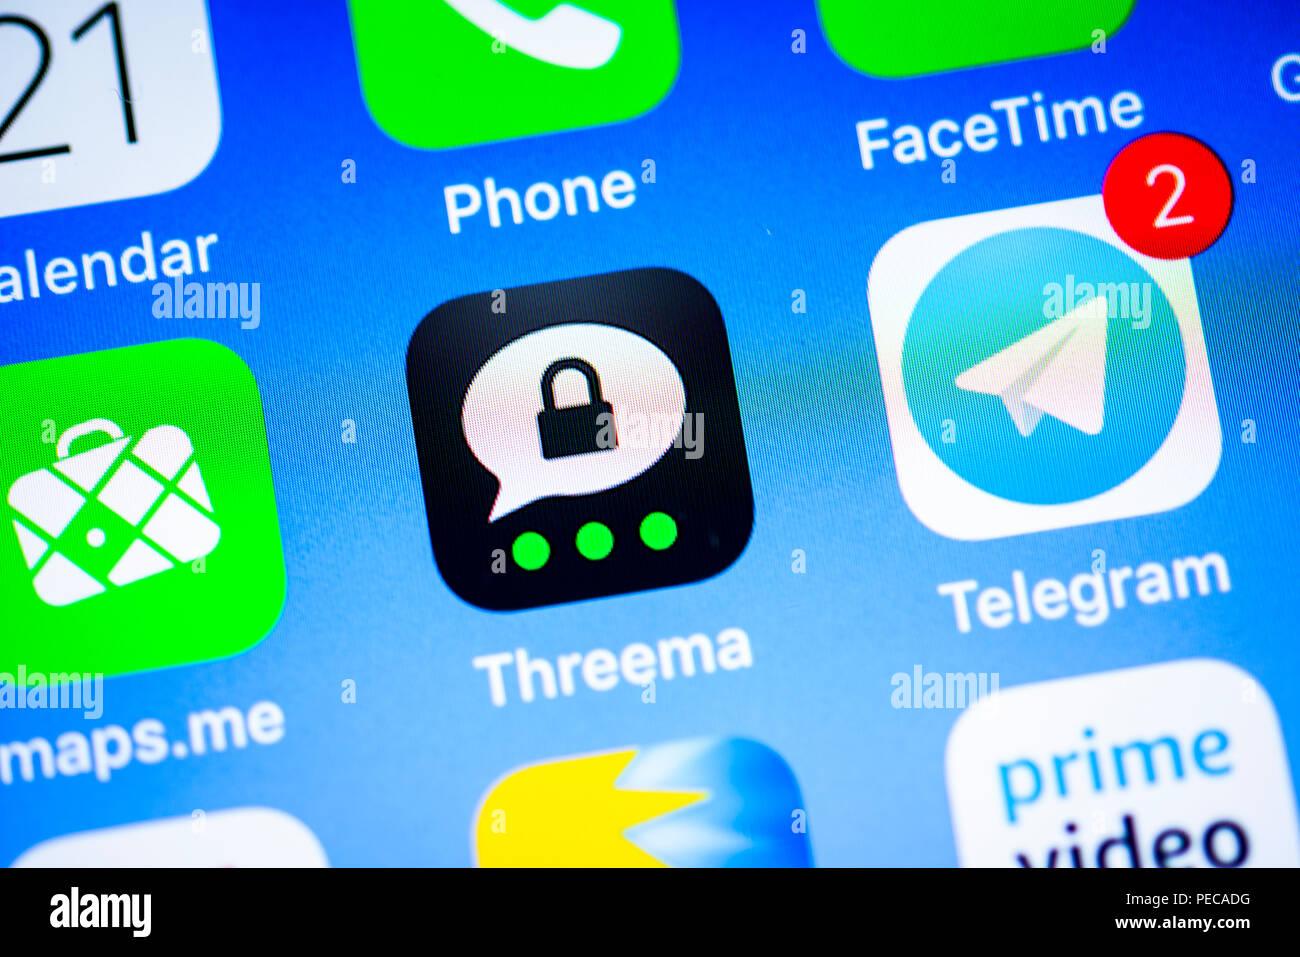 Threema Secure Instant Messenger, App, app icono, mostrar, iPhone, iOS, smartphones, visualización de cerca, detalle, Alemania Imagen De Stock